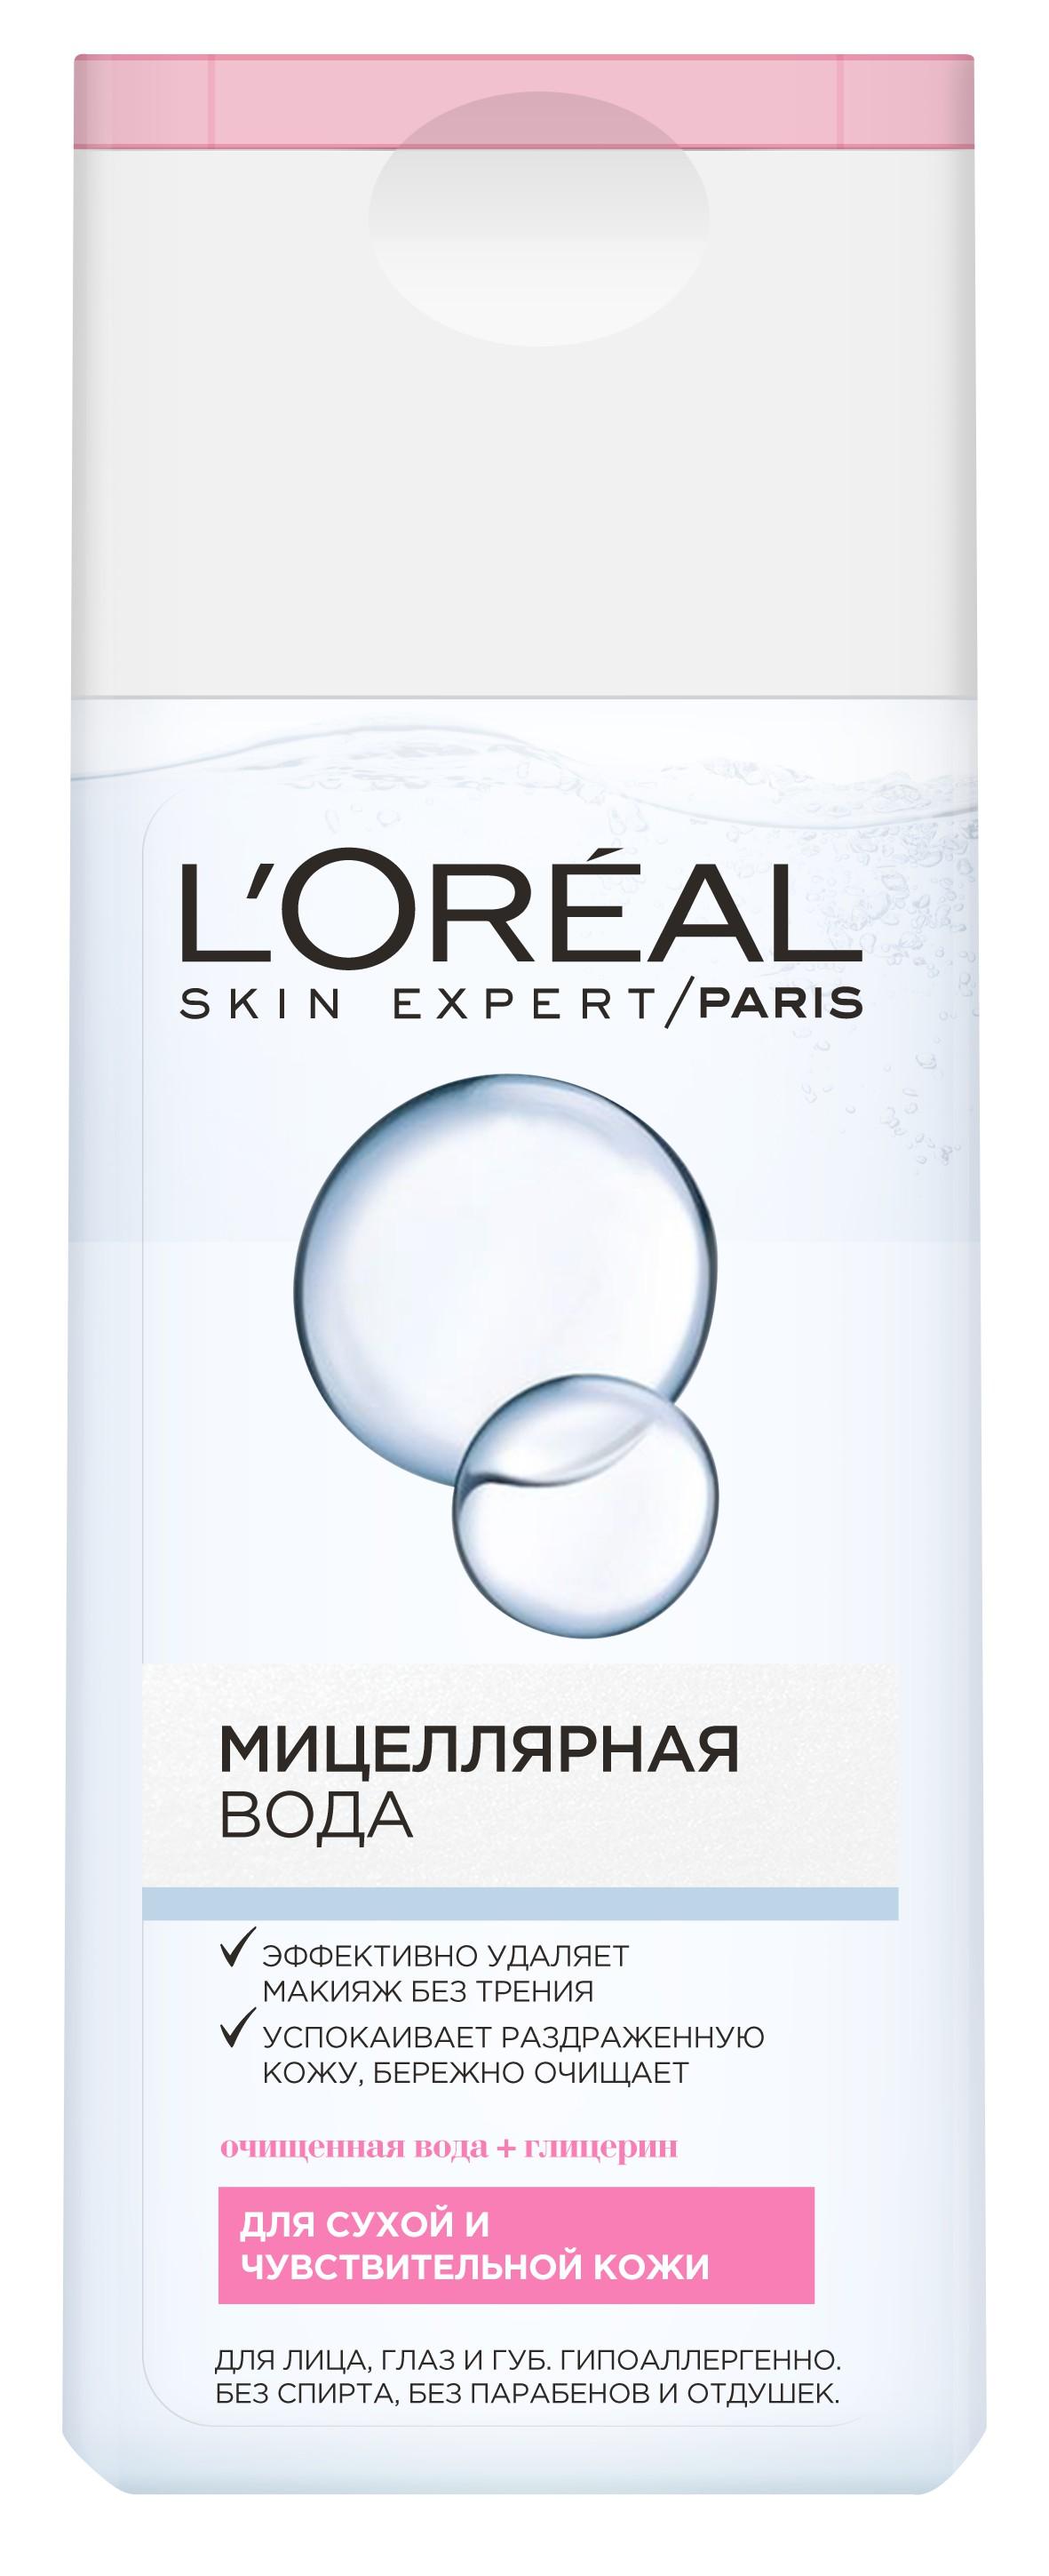 LOreal Paris Мицеллярная вода для снятия макияжа, для сухой и чувствительной кожи, гипоаллергенно, 200 млA7080301Мицеллярная вода эффективно и бережно удаляет макияж и загрязнения без трения благодаря мицеллам, захватывающим загрязнения. Средство обладает успокаивающим действием. Без лишнего трения мицеллярная вода бережно очищает кожу лица, губ и деликатную область вокруг глаз. Мицеллярная вода - это больше, чем просто удаление макияжа и очищение. Формула на основе очищенной воды, обогащенная глицерином, обладает успокаивающим действием, бережно удаляет макияж и увлажняет кожу.